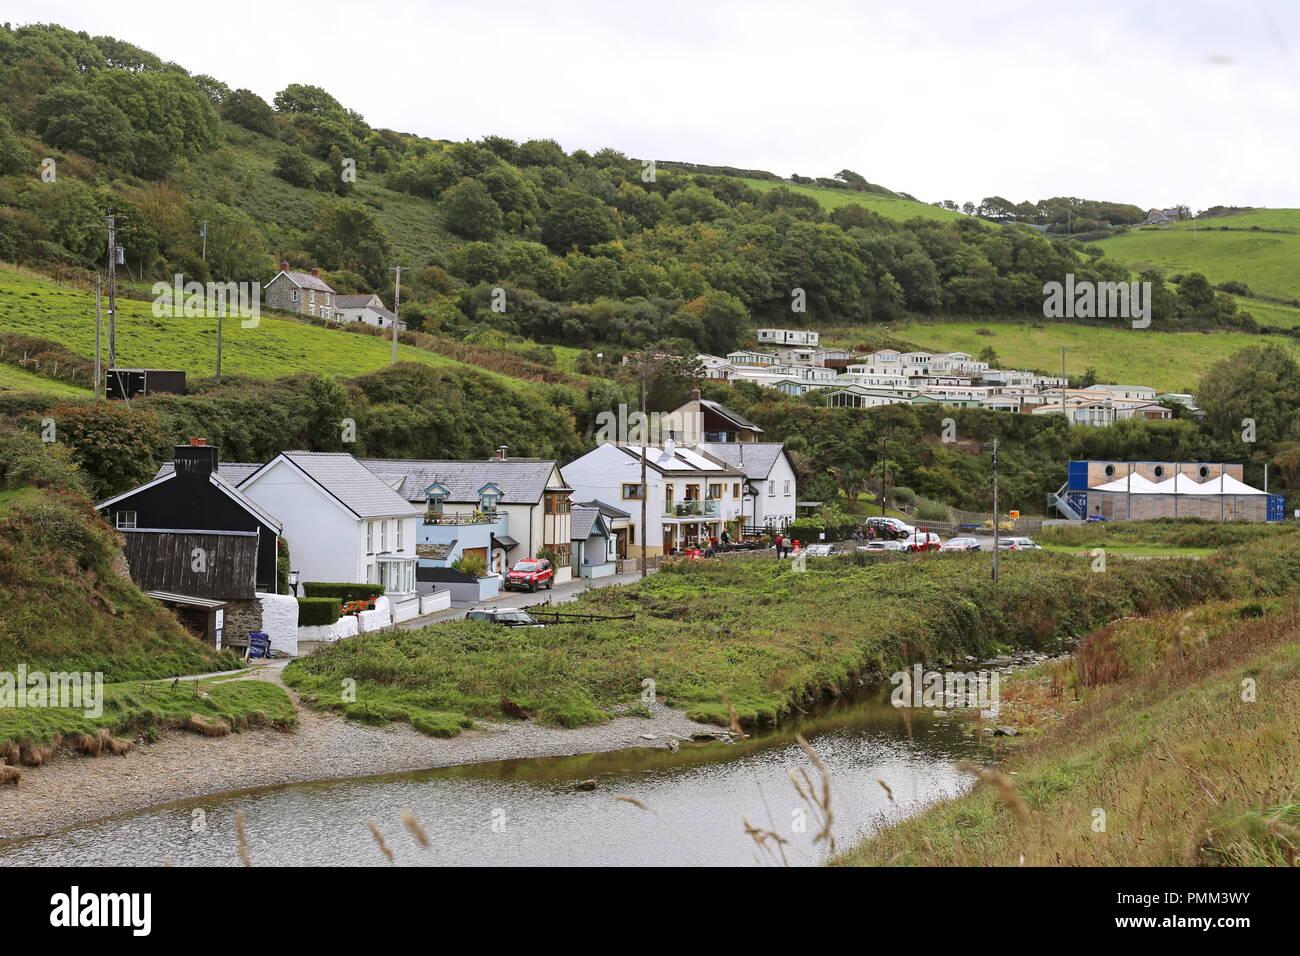 Cwmtydu, Cardigan Bay, Ceredigion, Wales, Great Britain, United Kingdom, UK, Europe - Stock Image